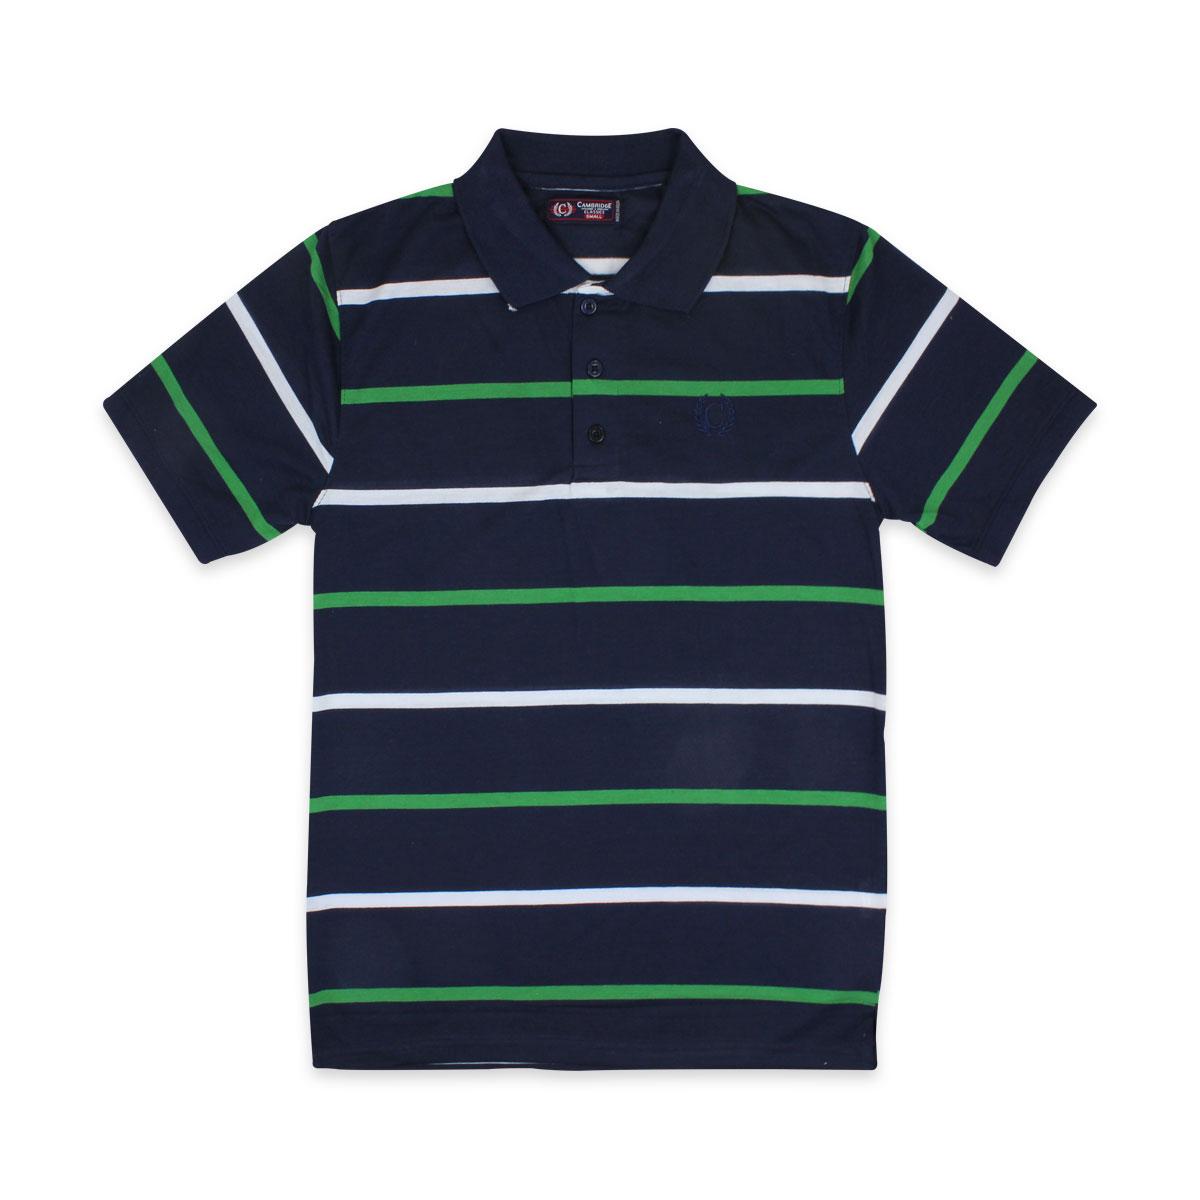 Camisas-Polo-Para-Hombre-A-Rayas-Pique-Con-Cuello-camiseta-Camiseta-Manga-Corta-De-Verano-S-M-L-XL miniatura 67